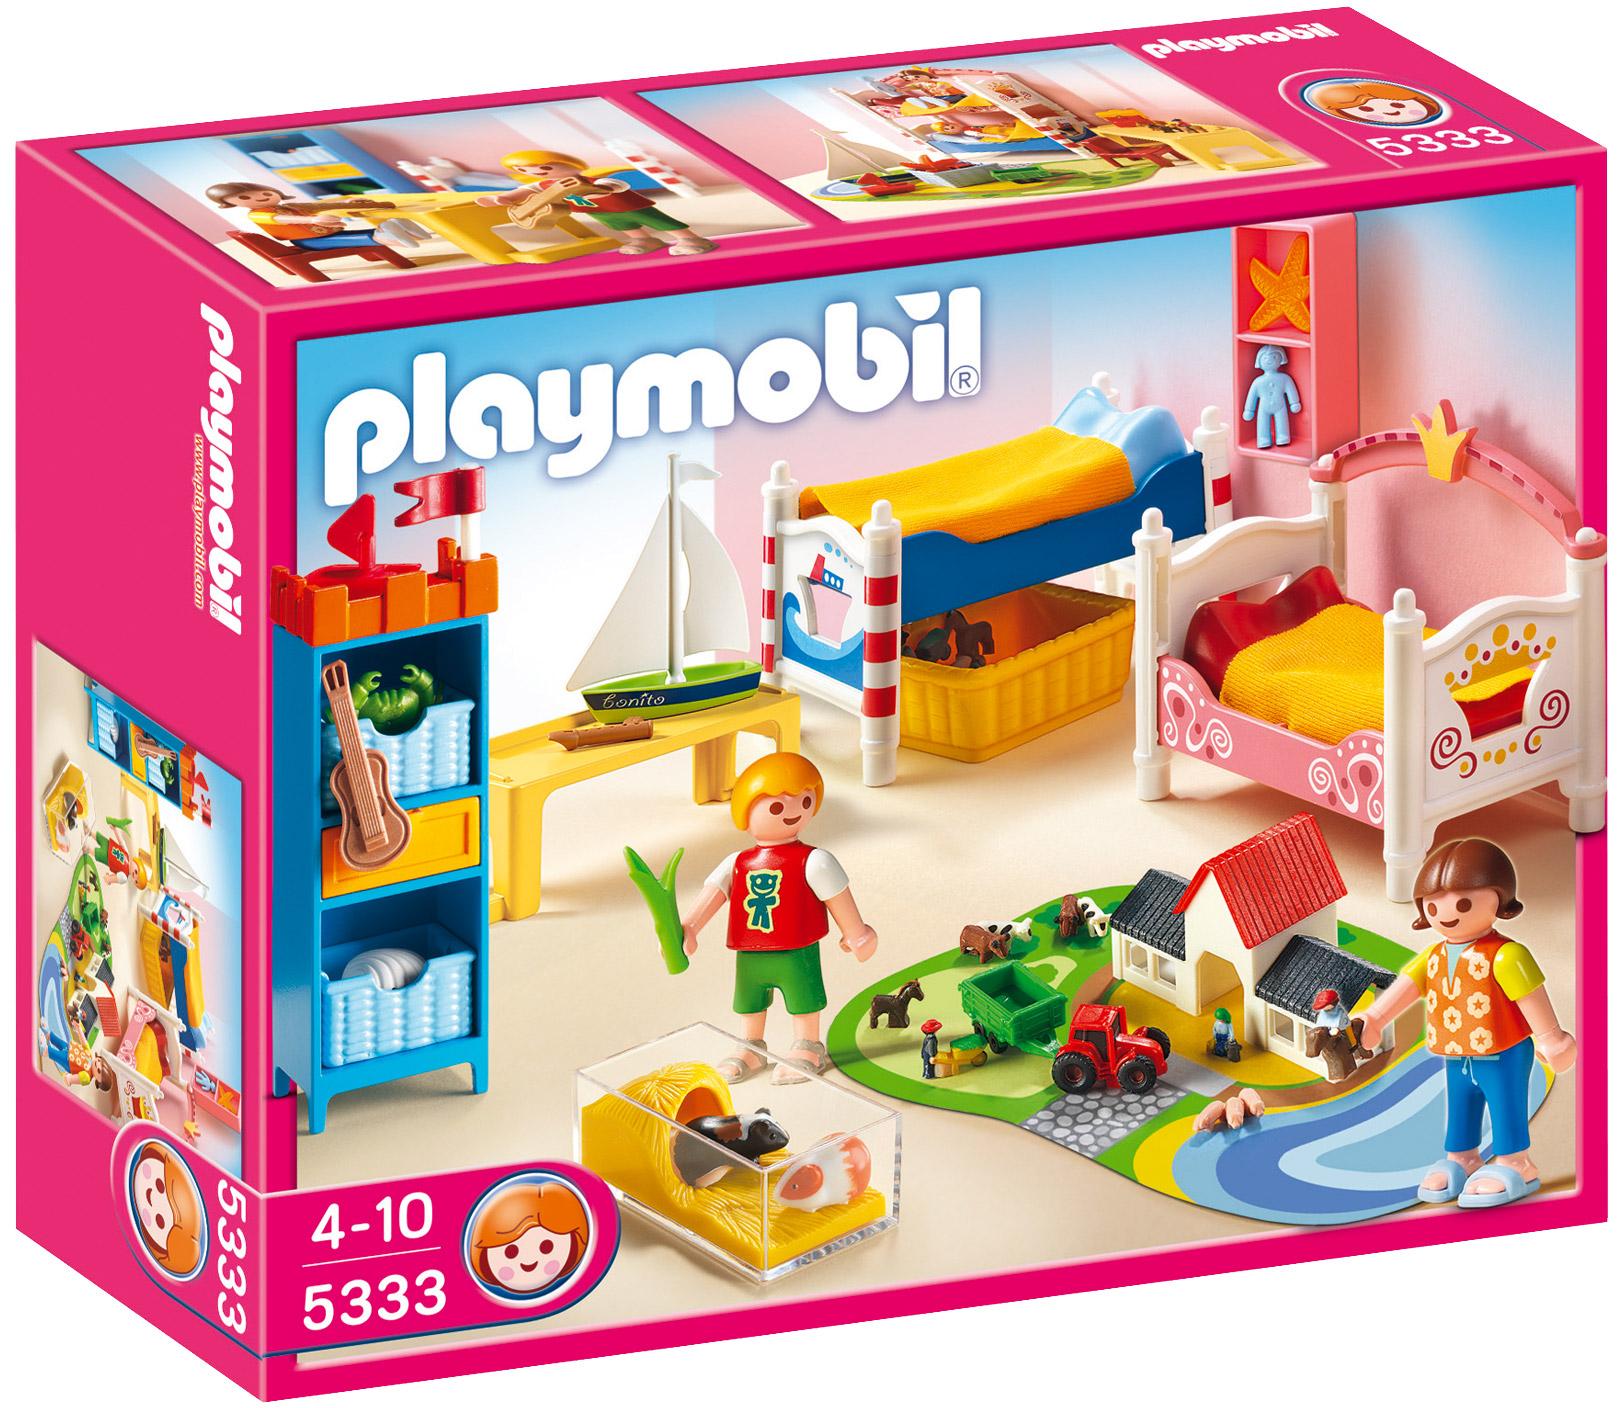 playmobil dollhouse 5333 pas cher chambre des enfants avec lits d cor s. Black Bedroom Furniture Sets. Home Design Ideas